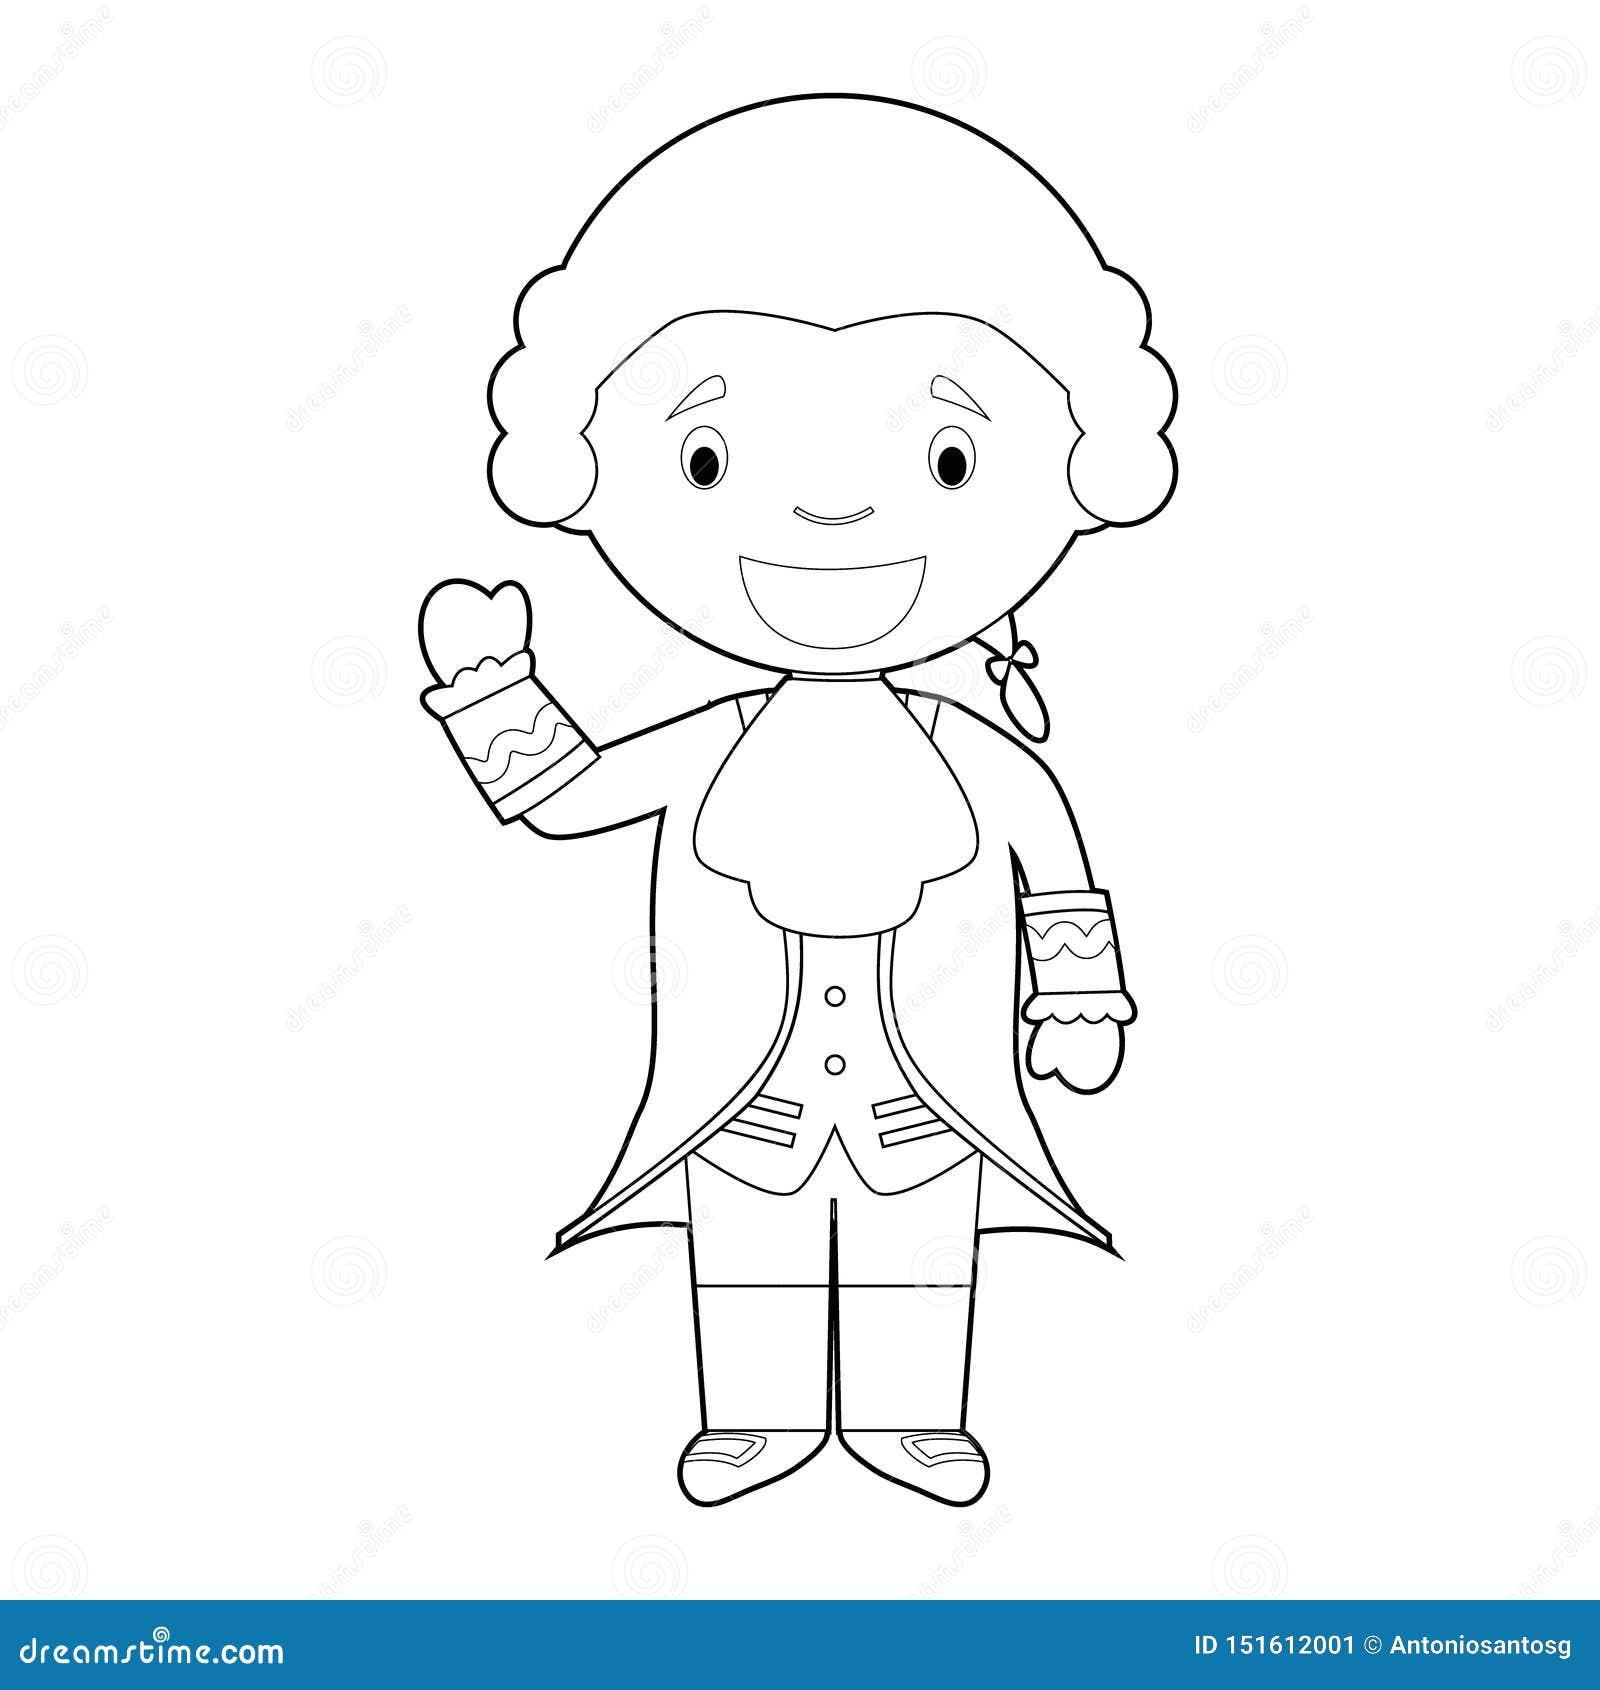 Personaje De Dibujos Animados Facil De Wolfgang Amadeus Mozart Que